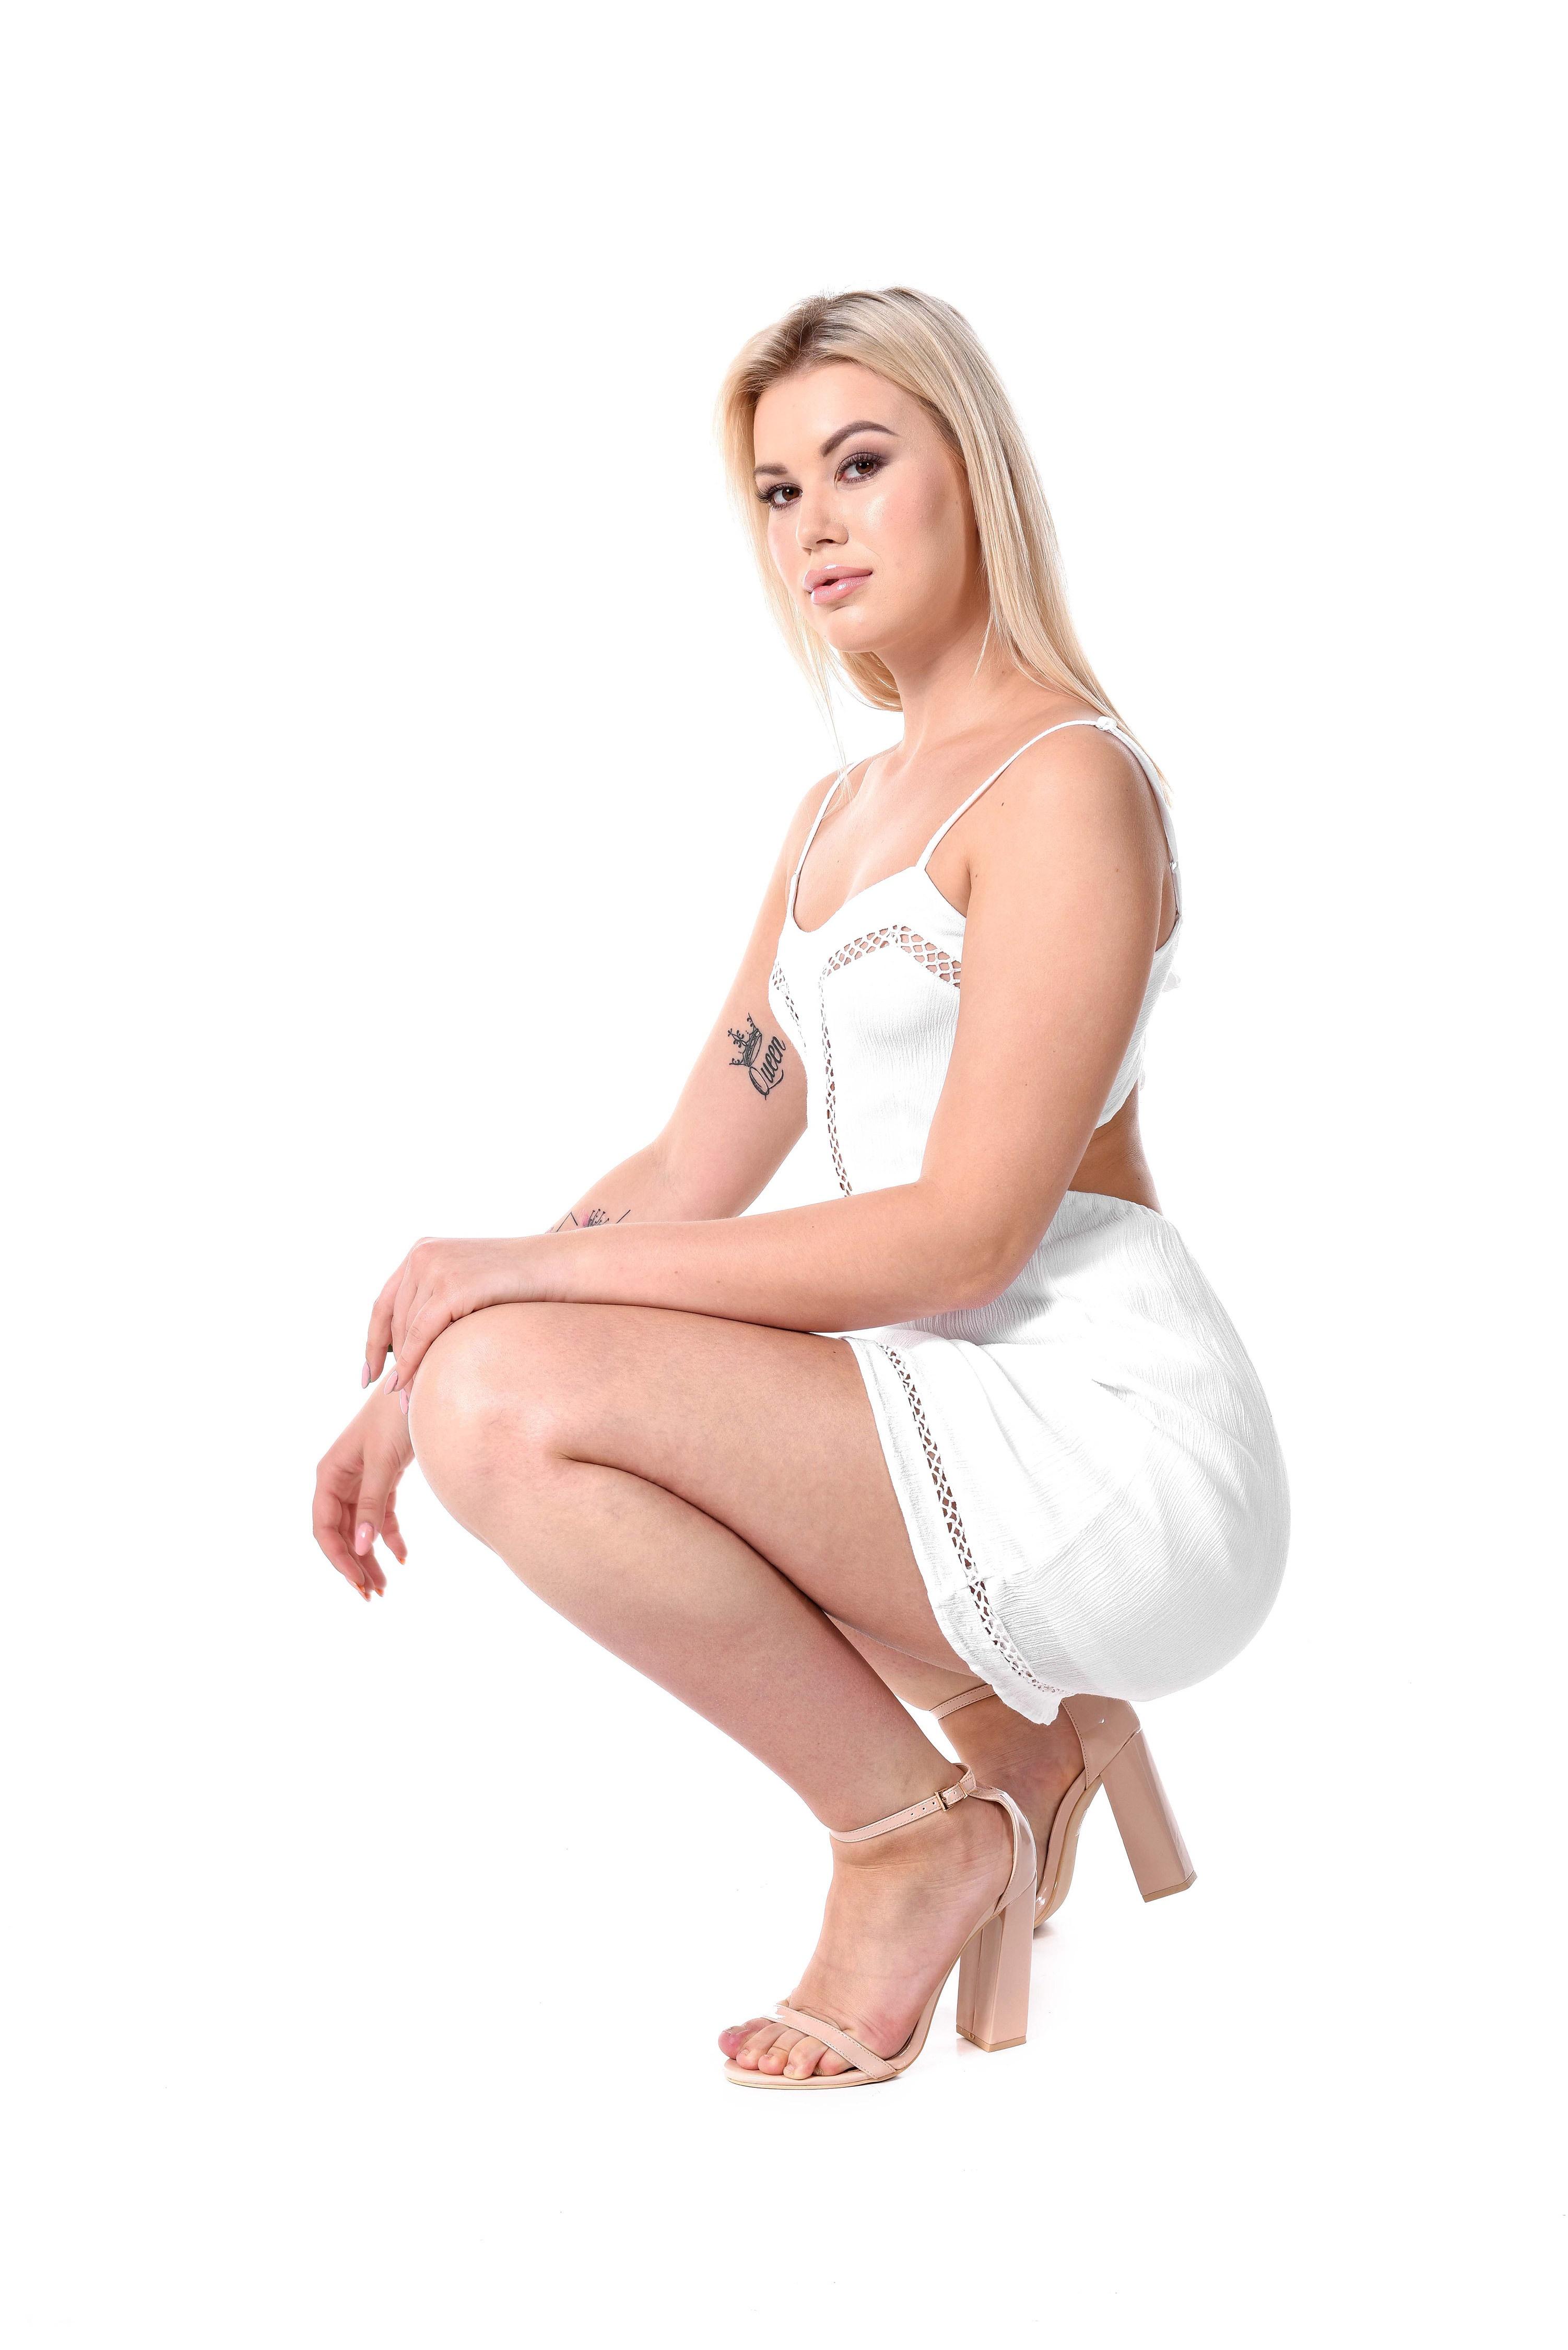 Фотография Sandra Blonde Frost Блондинка Девушки ног Сбоку белым фоном Платье туфлях 3003x4500 для мобильного телефона блондинки блондинок девушка молодая женщина молодые женщины Ноги Белый фон белом фоне платья Туфли туфель